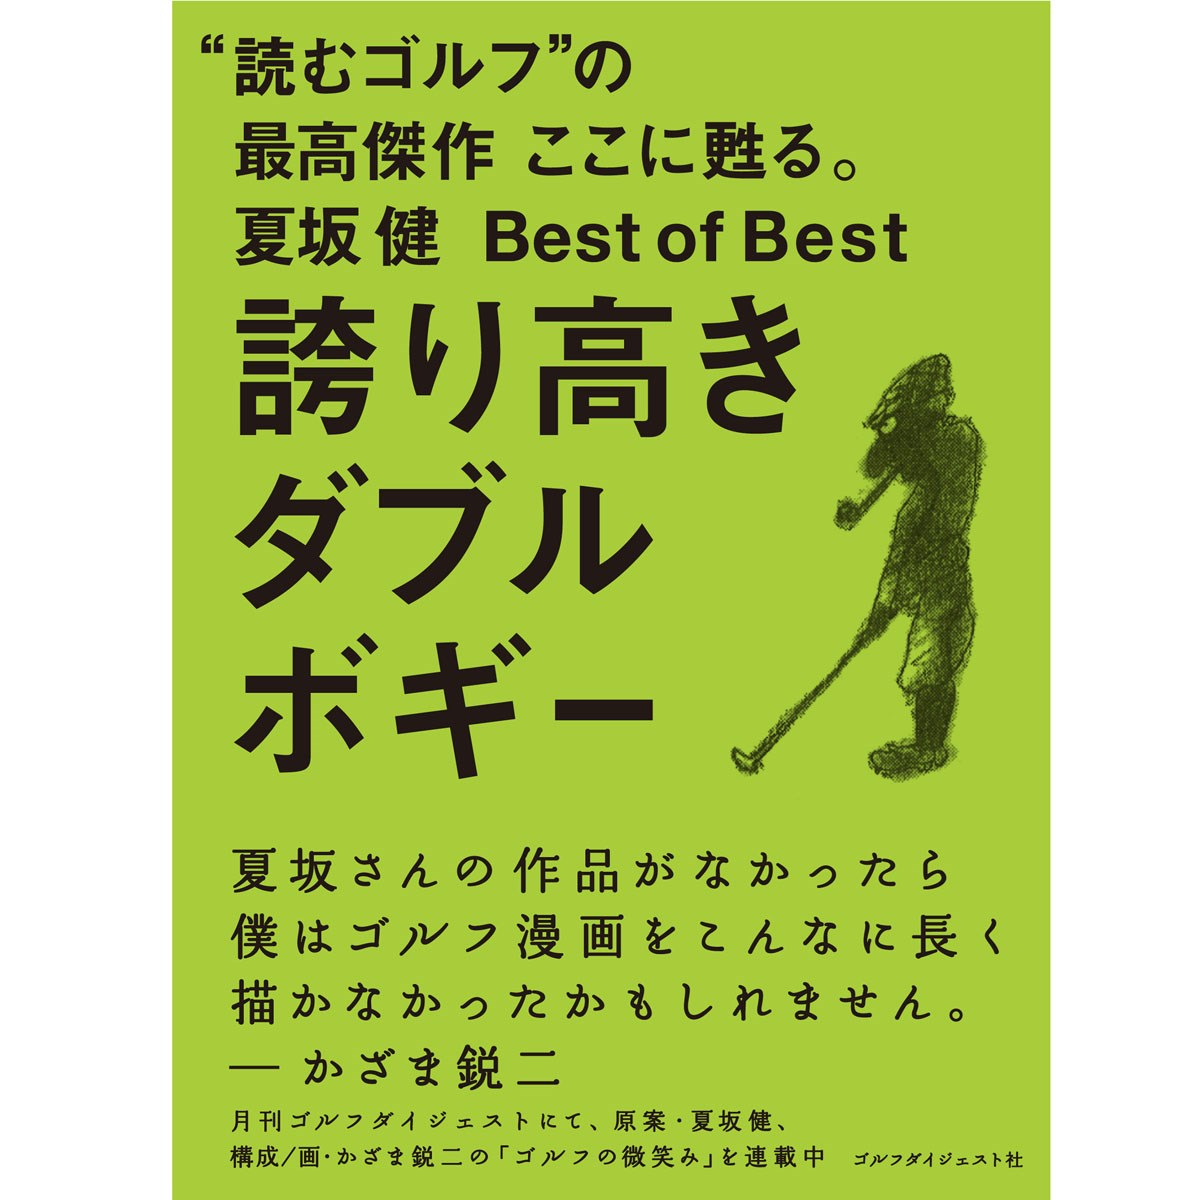 ゴルフダイジェスト(GolfDigest) 夏坂健 Best of Best 誇り高きダブルボギー